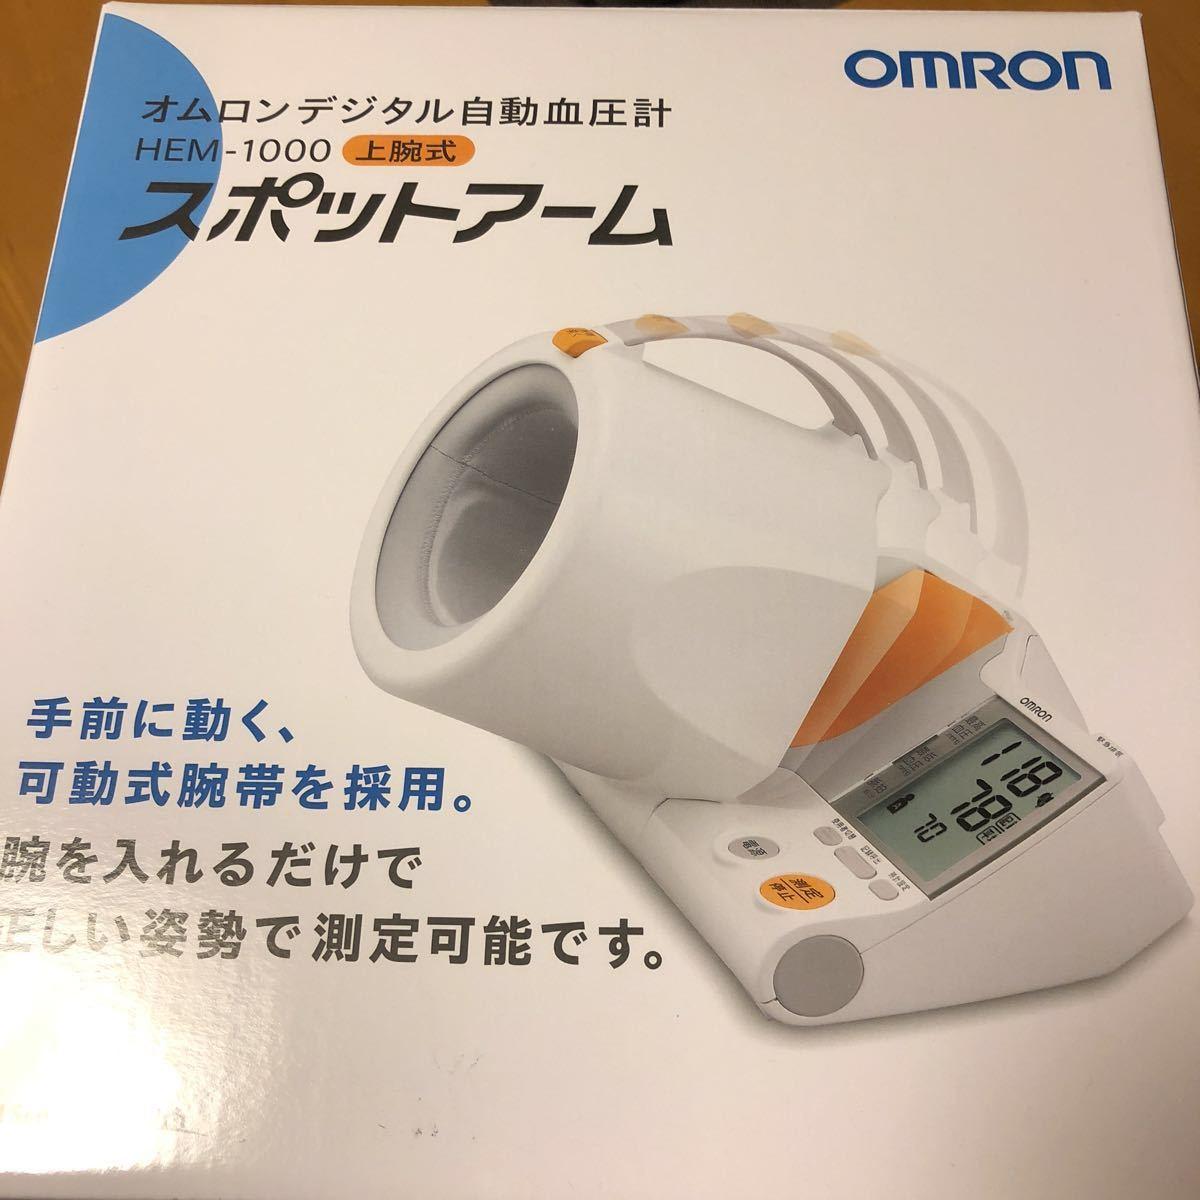 オムロンデジタル血圧計HEM-1000スポットアーム